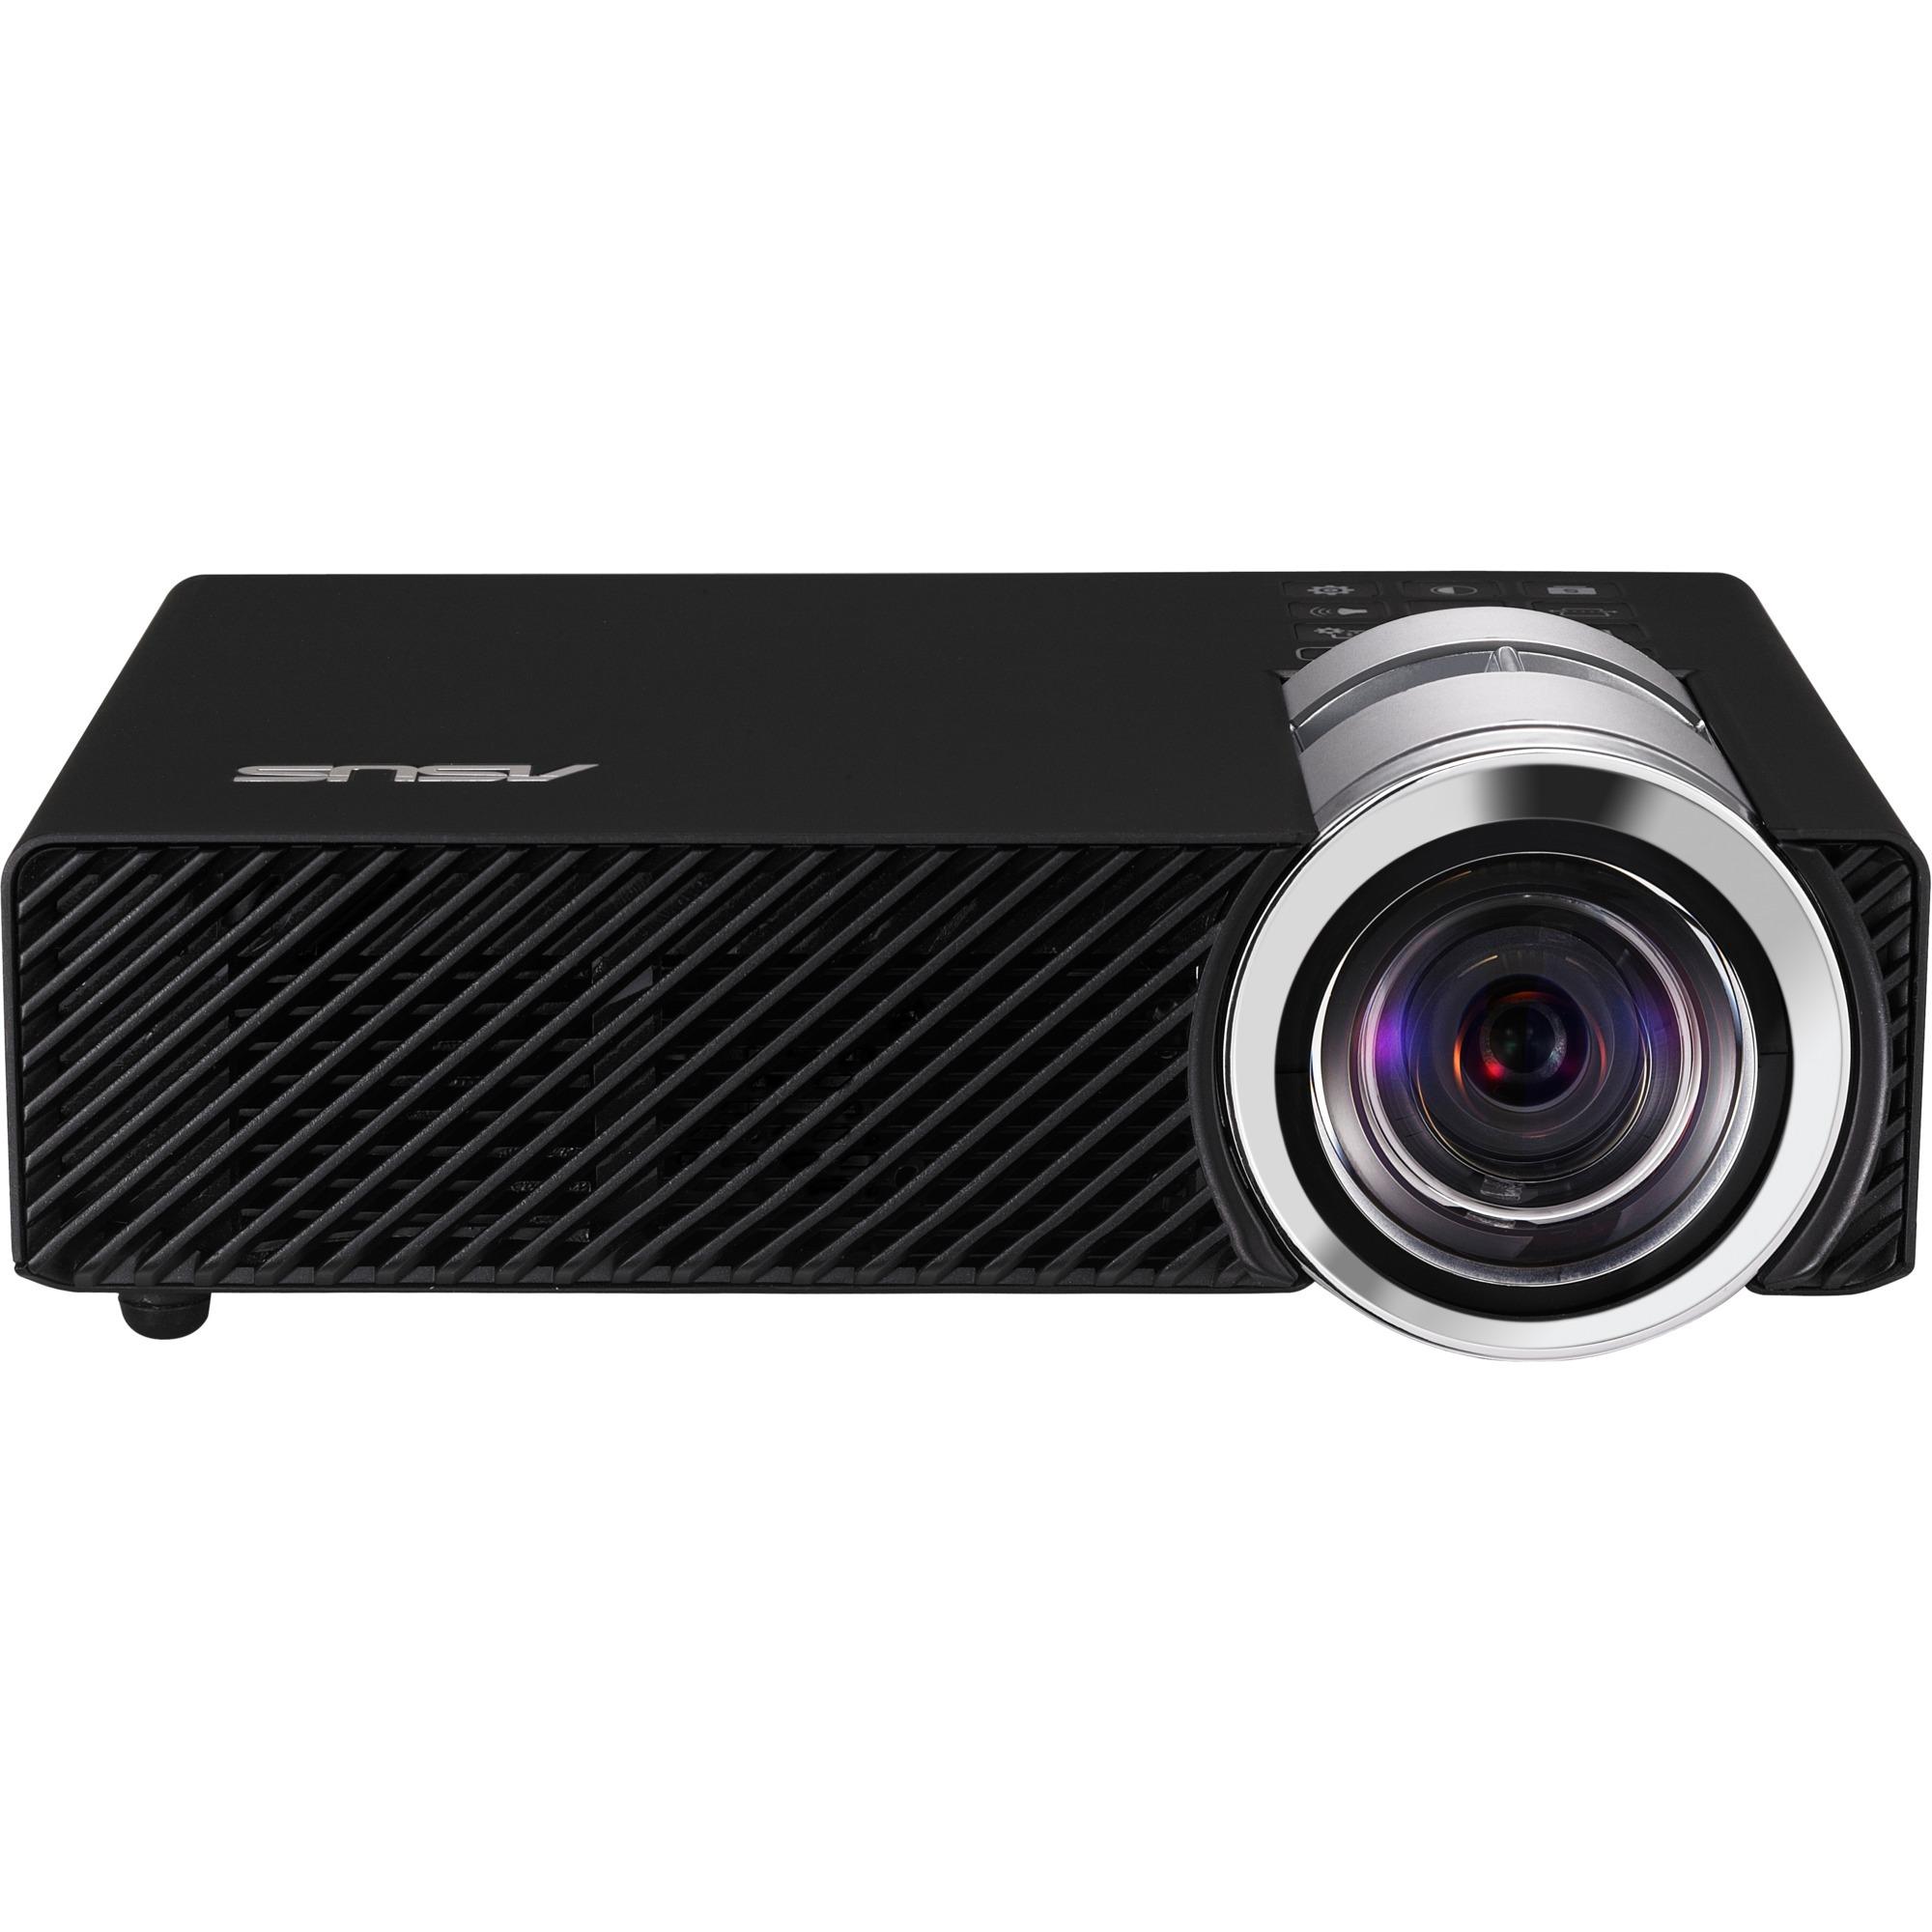 B1MR Projecteur de bureau 900ANSI lumens LED WXGA (1280x800) Compatibilité 3D Noir vidéo-projecteur, Projecteur à LED